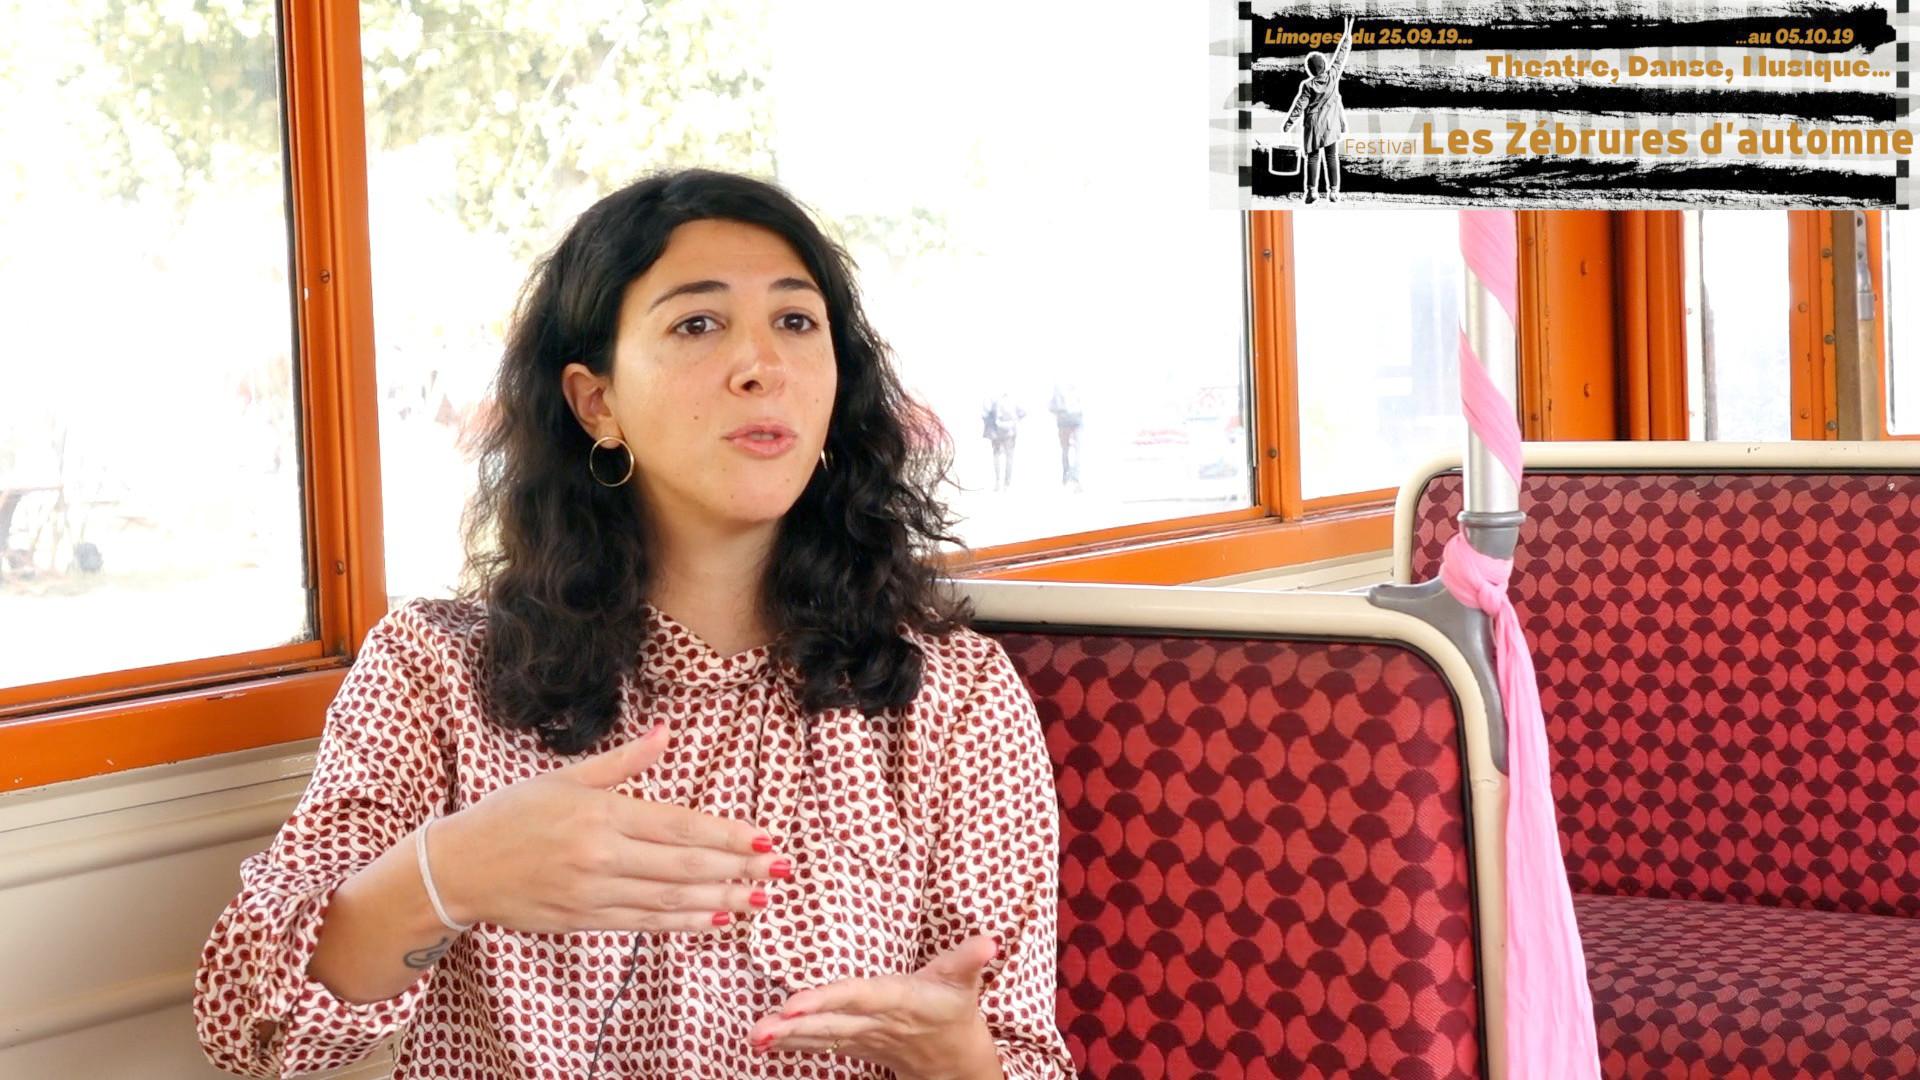 Image de la vidéo pour 'Victoria K, Delphine Seyrig'